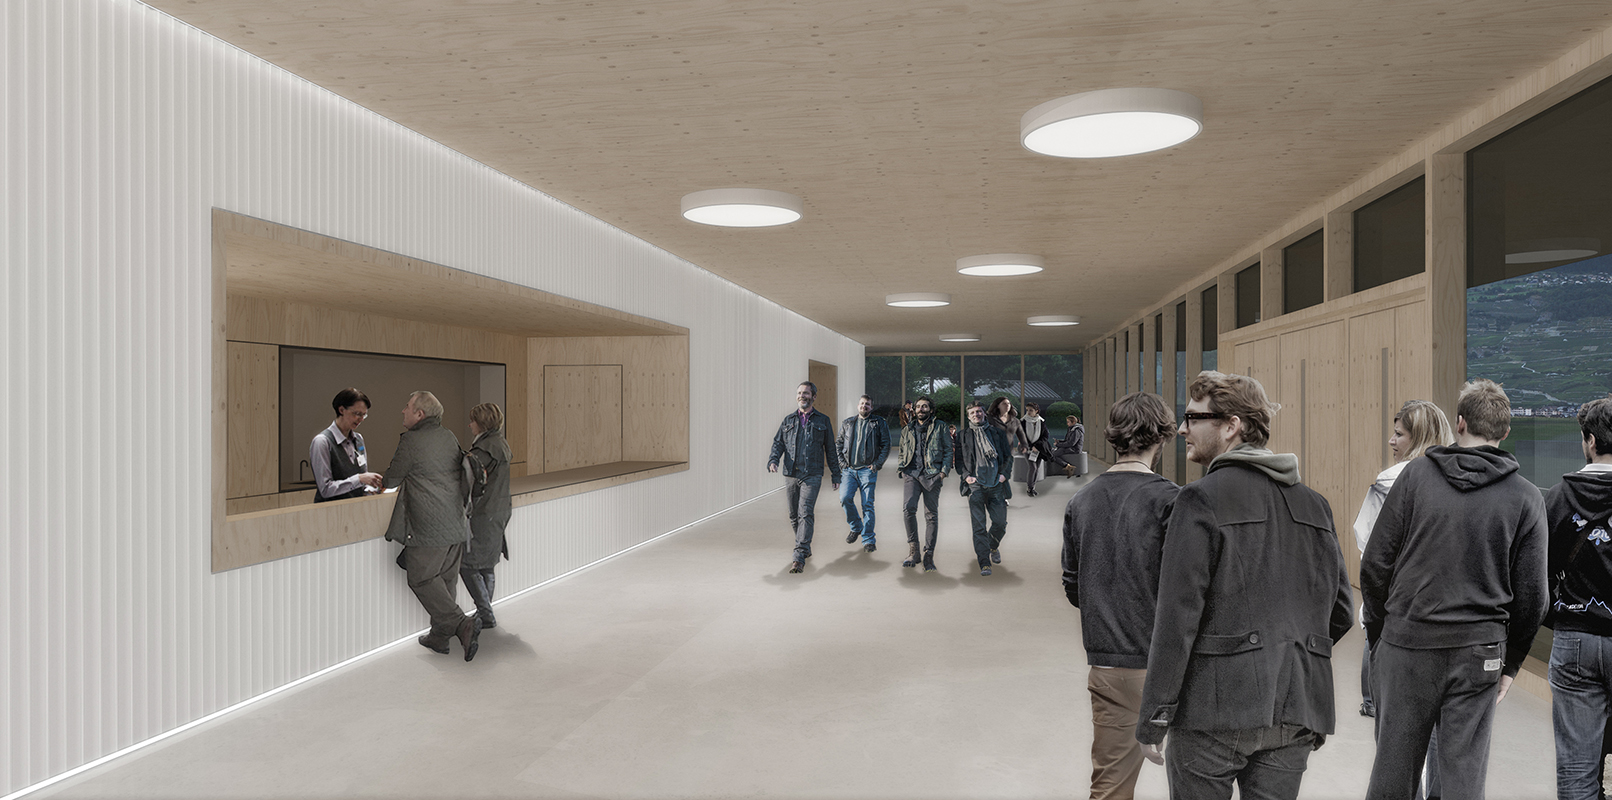 concours d'architecture pour la rénovation et l'agrandissement de la salle polyvalente de Châteauneuf-Conthey - 2016 - 1er prix - cheseauxrey sàrl